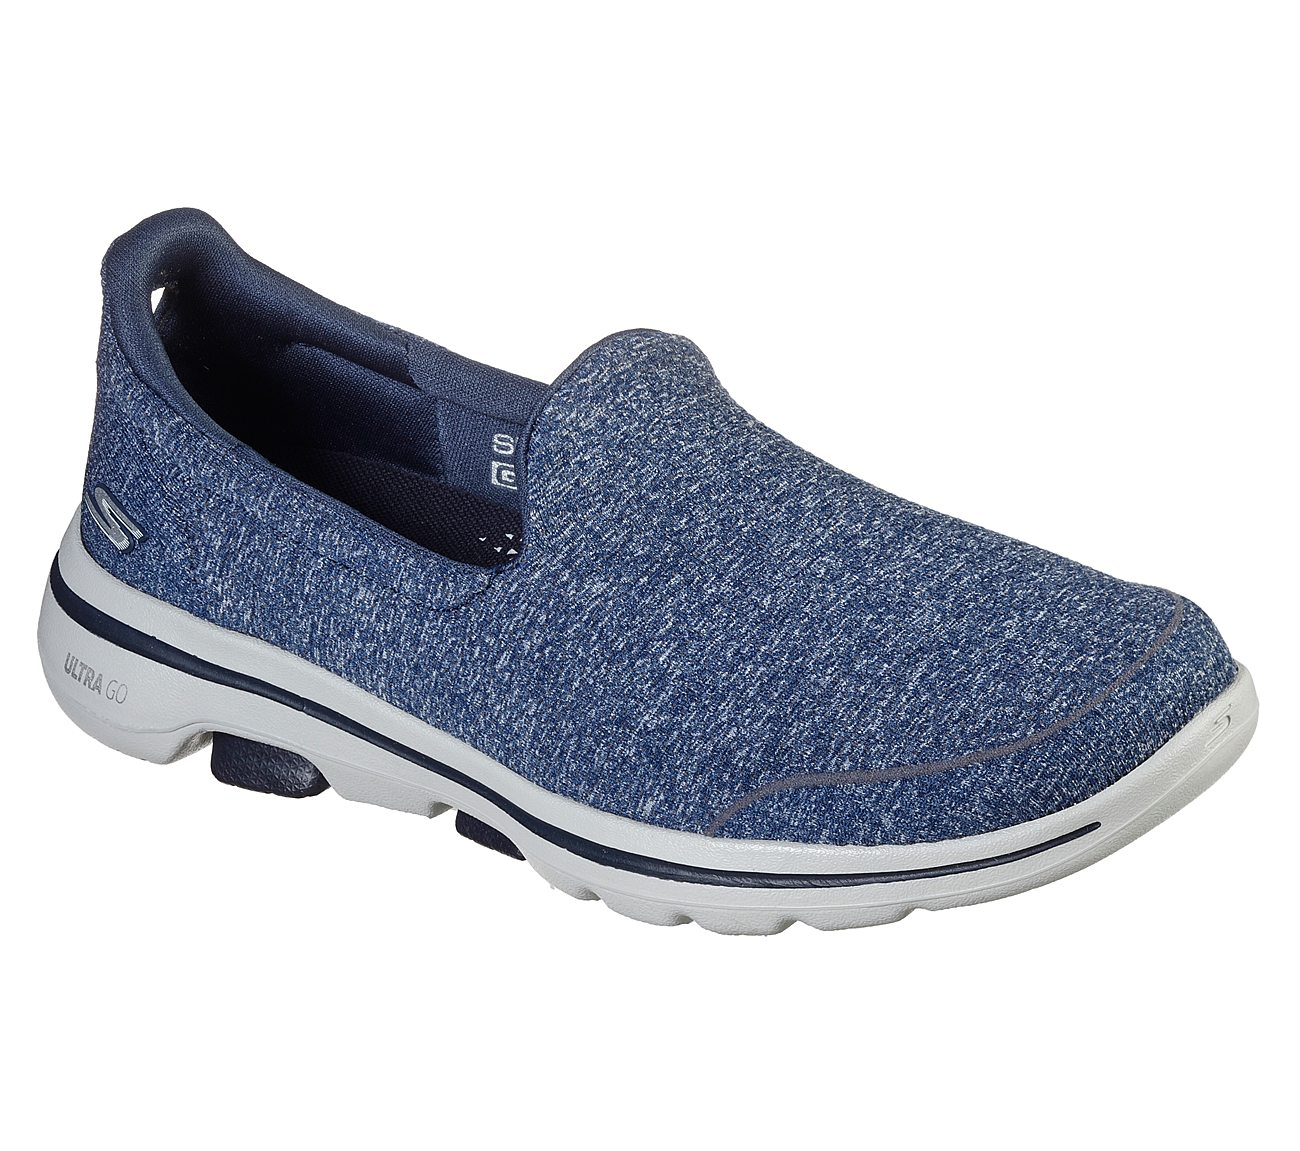 speciaal voor schoenen outlet te koop outlet boetiek Skechers GOwalk 5 - Super Sock